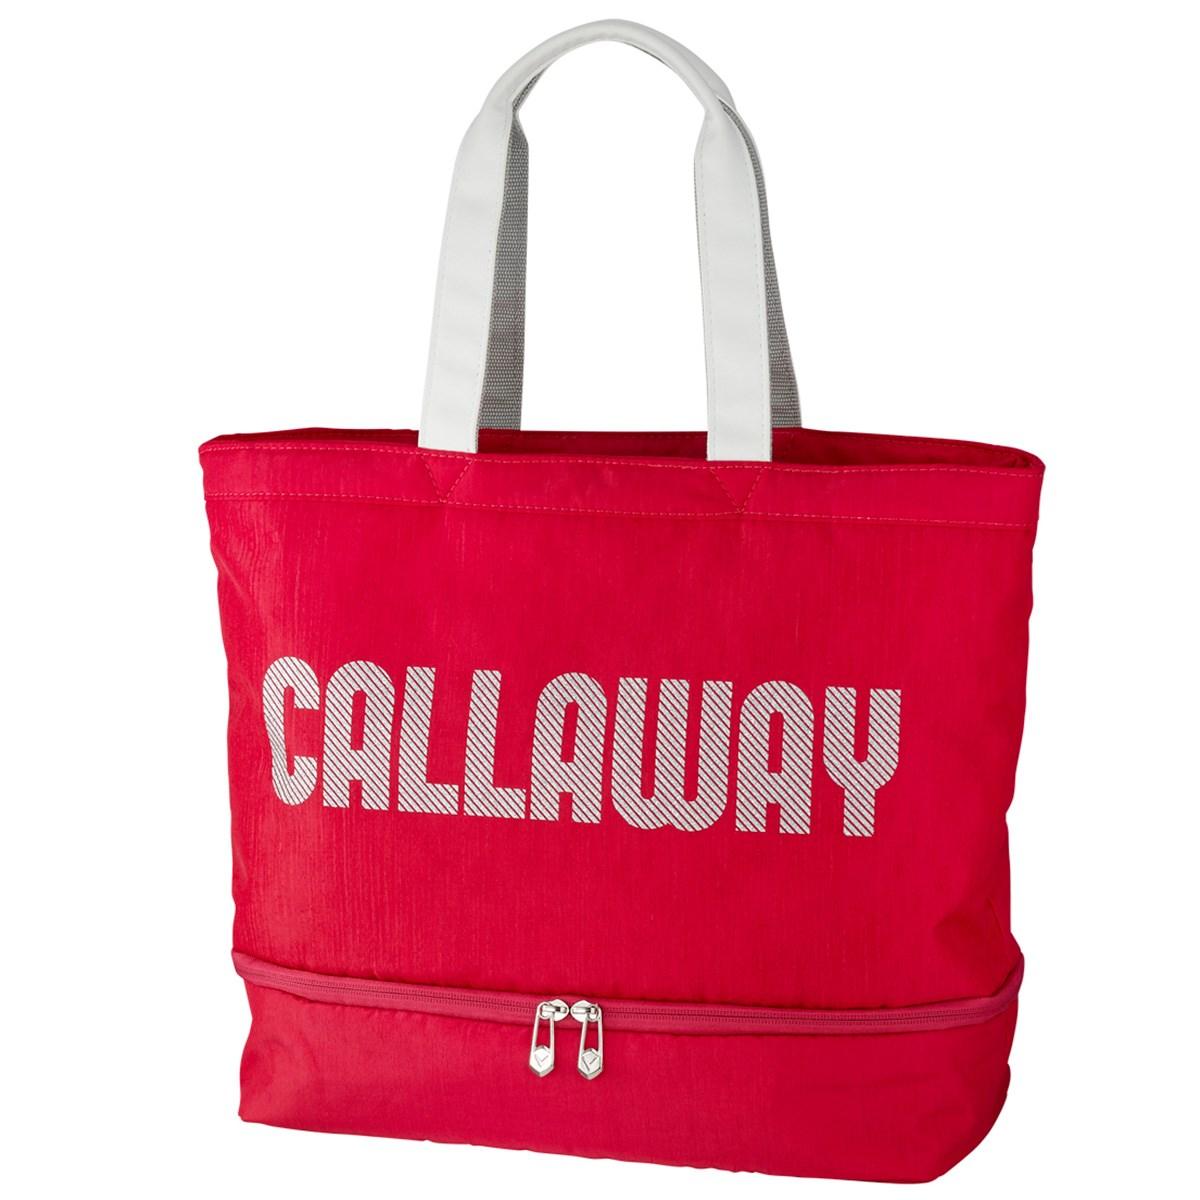 キャロウェイゴルフ Callaway Golf SPL トートバッグ JM レッド レディス